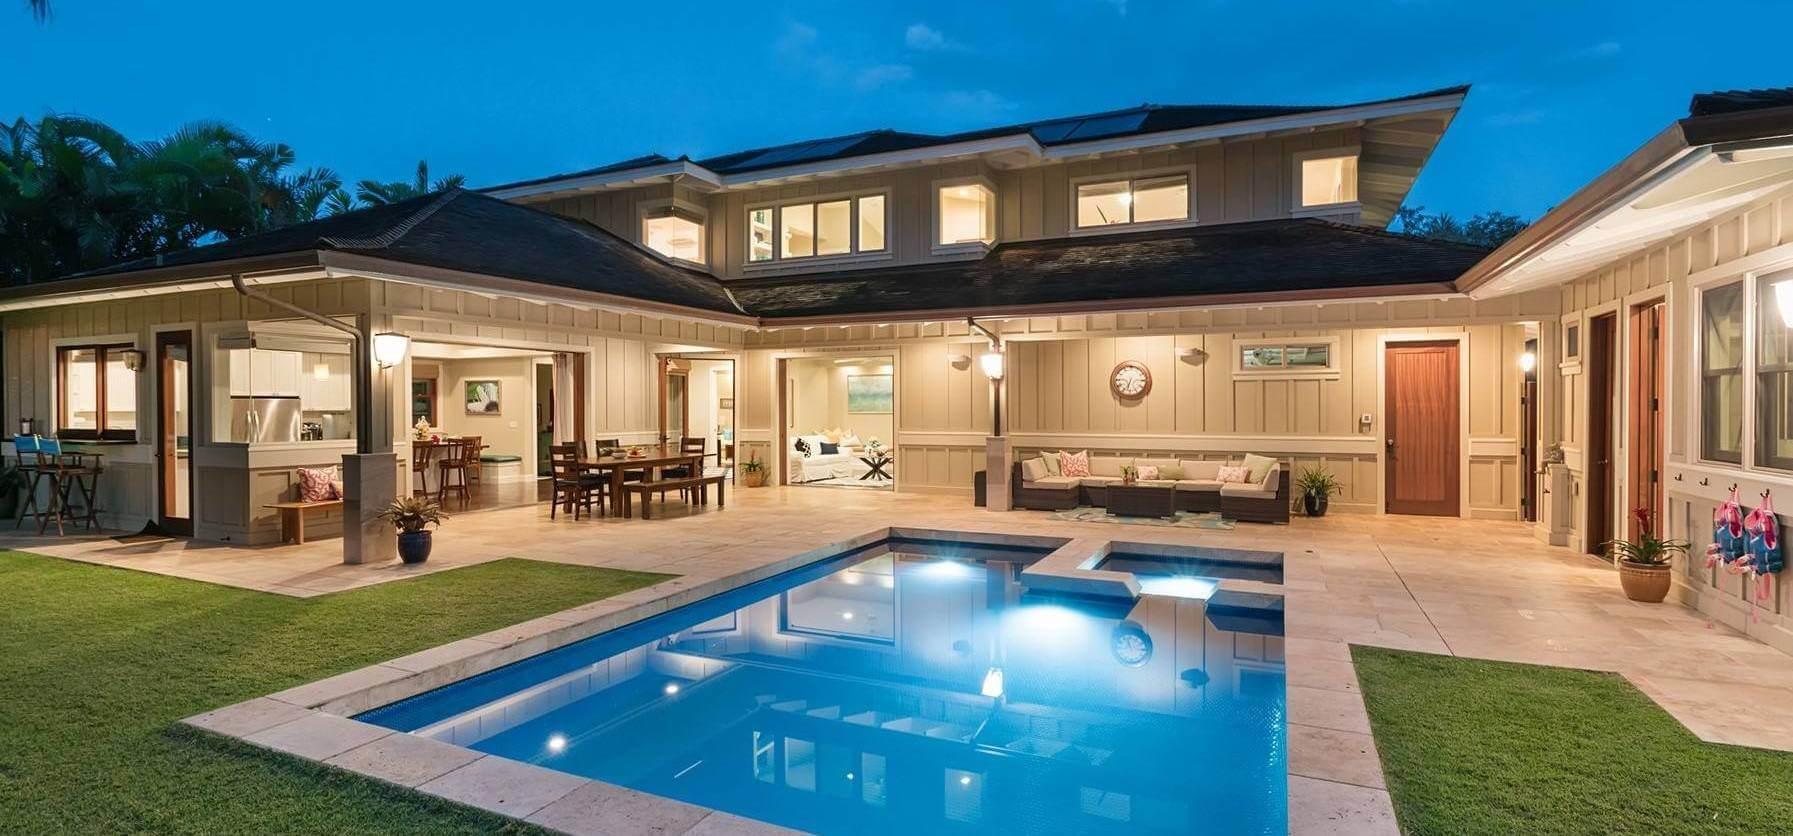 Real Estate Agent Waipahu